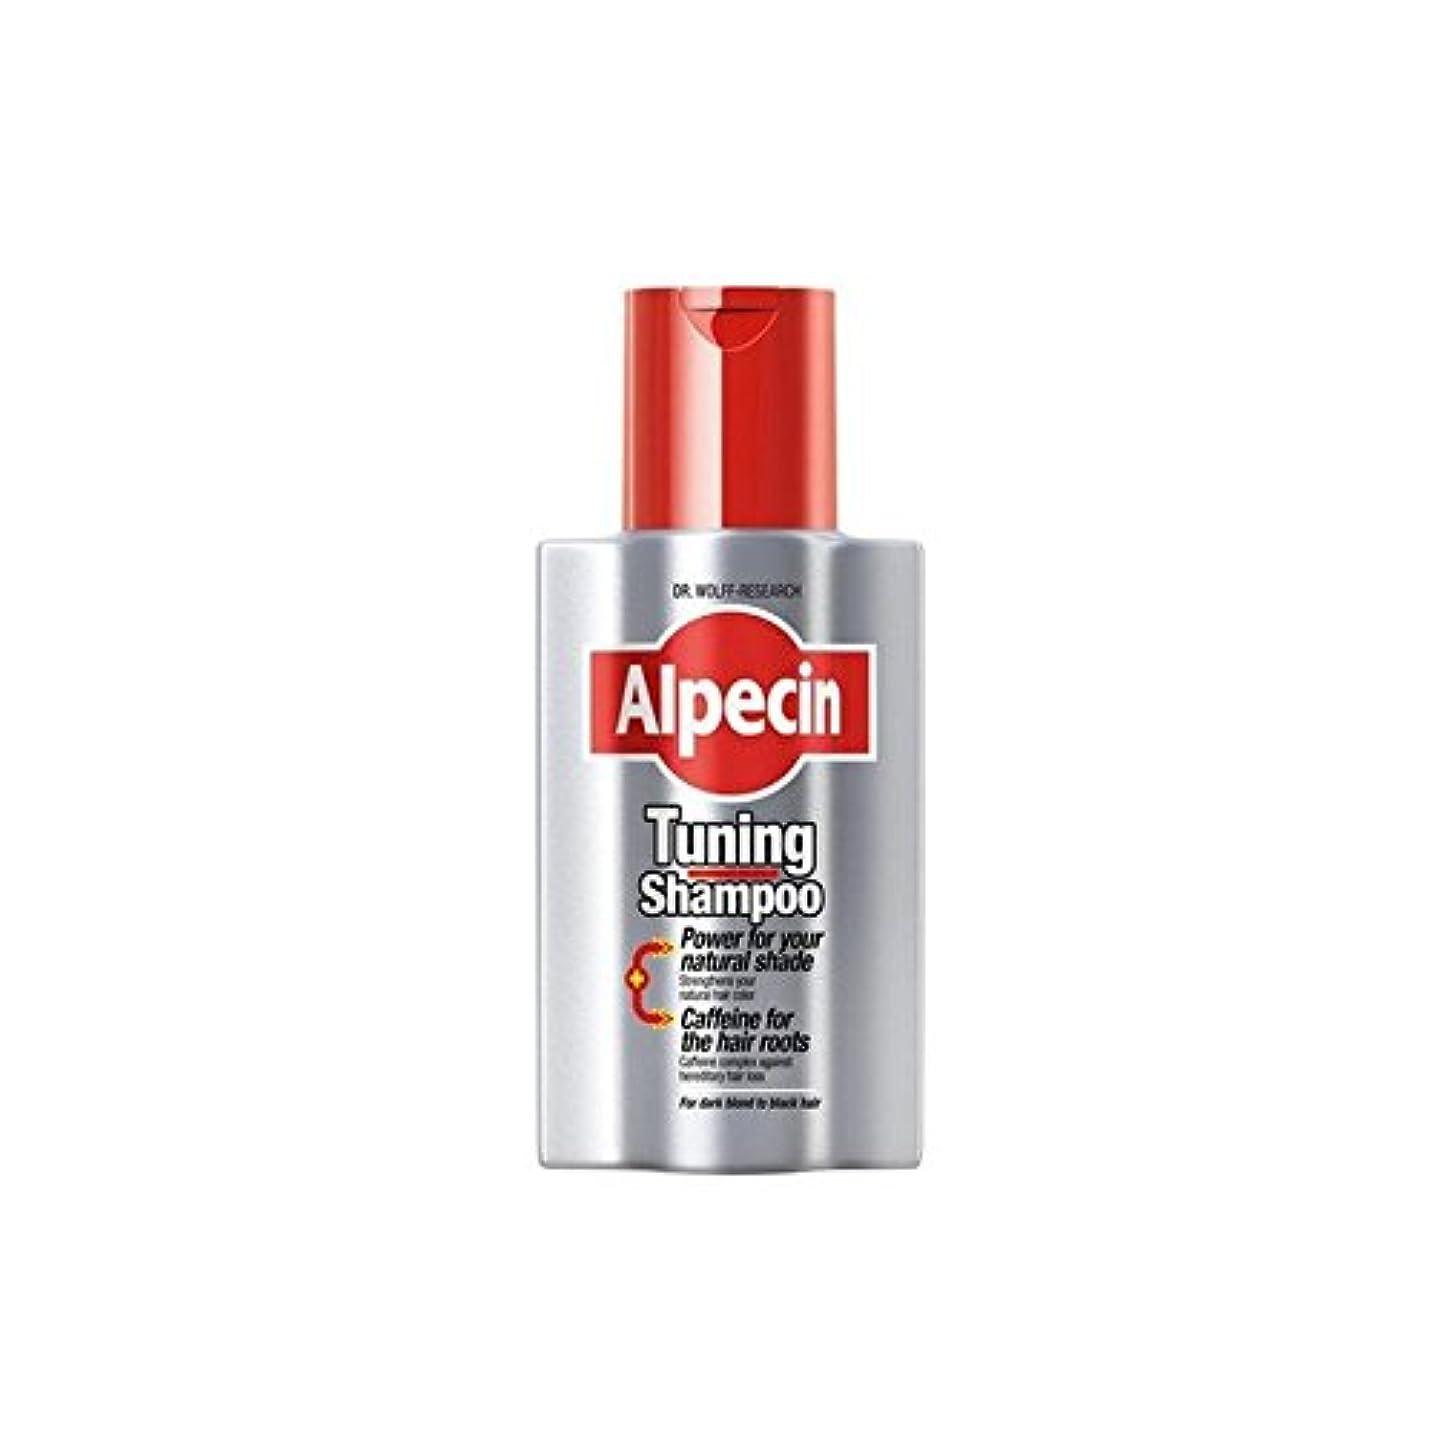 囲まれた驚くばかり一定Alpecin Tuning Shampoo (200ml) (Pack of 6) - チューニングシャンプー(200ミリリットル) x6 [並行輸入品]